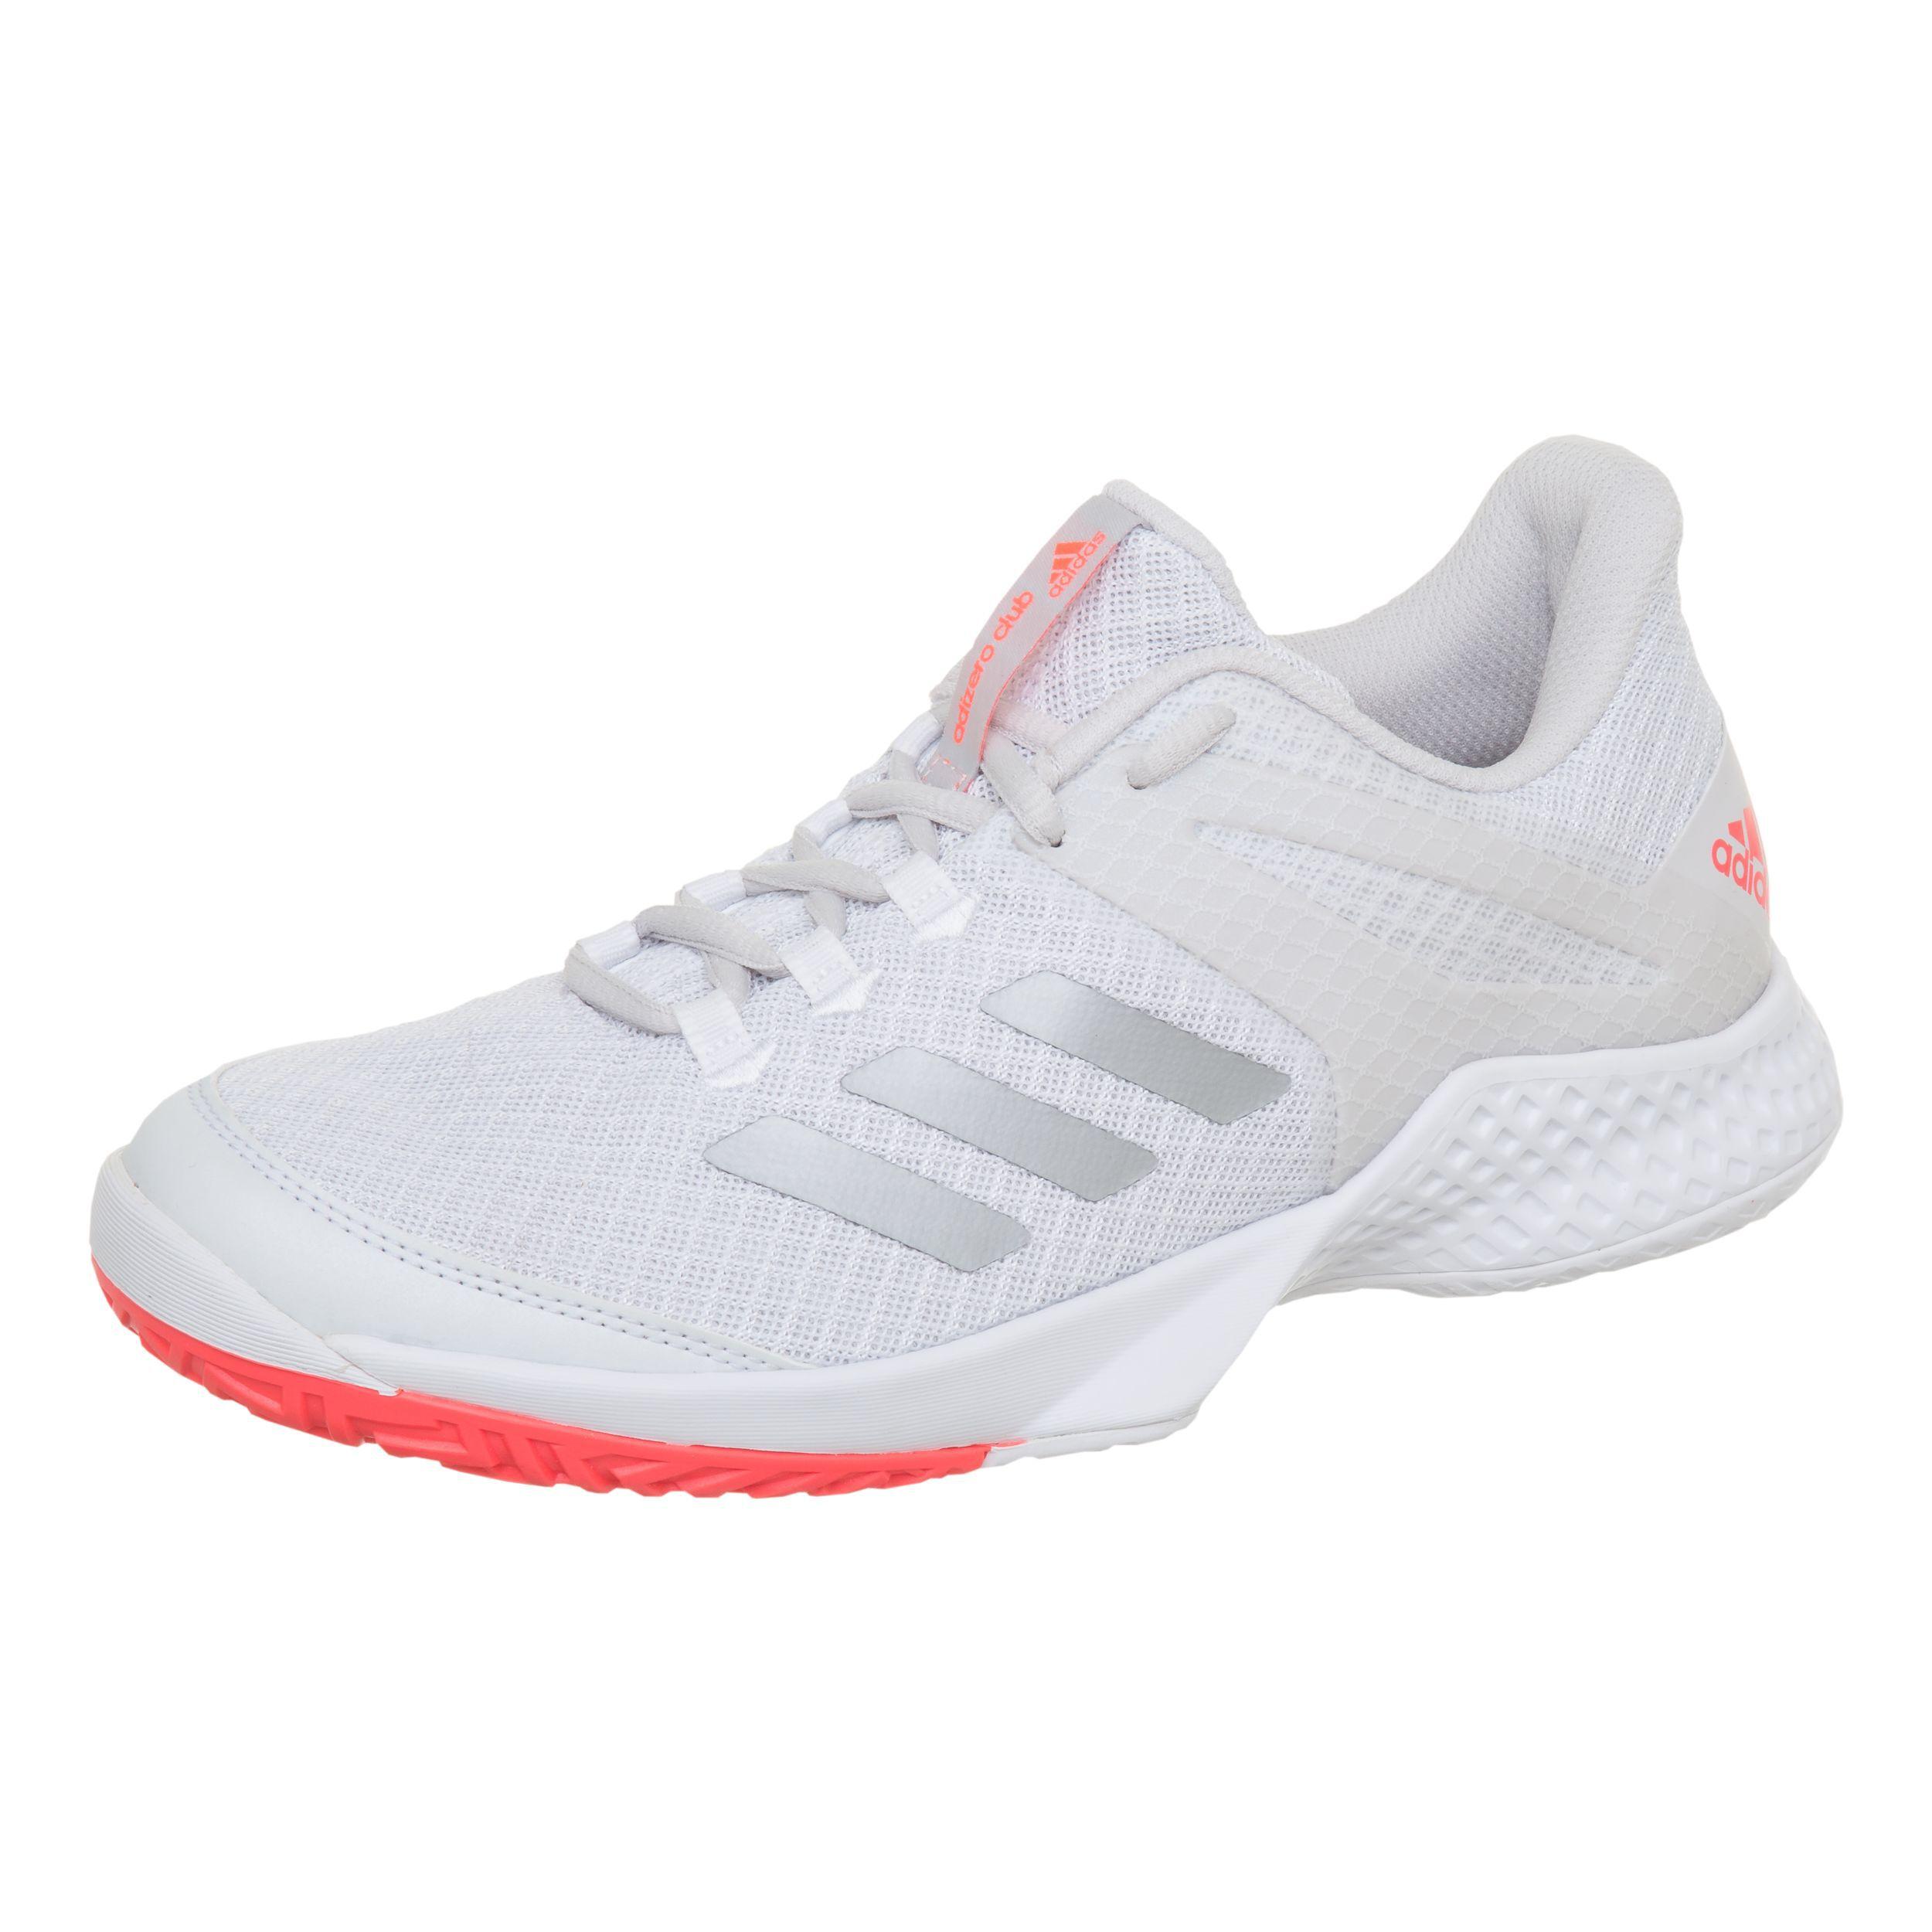 adidas Adizero Club 2 Chaussure Tout Terrain Femmes Blanc